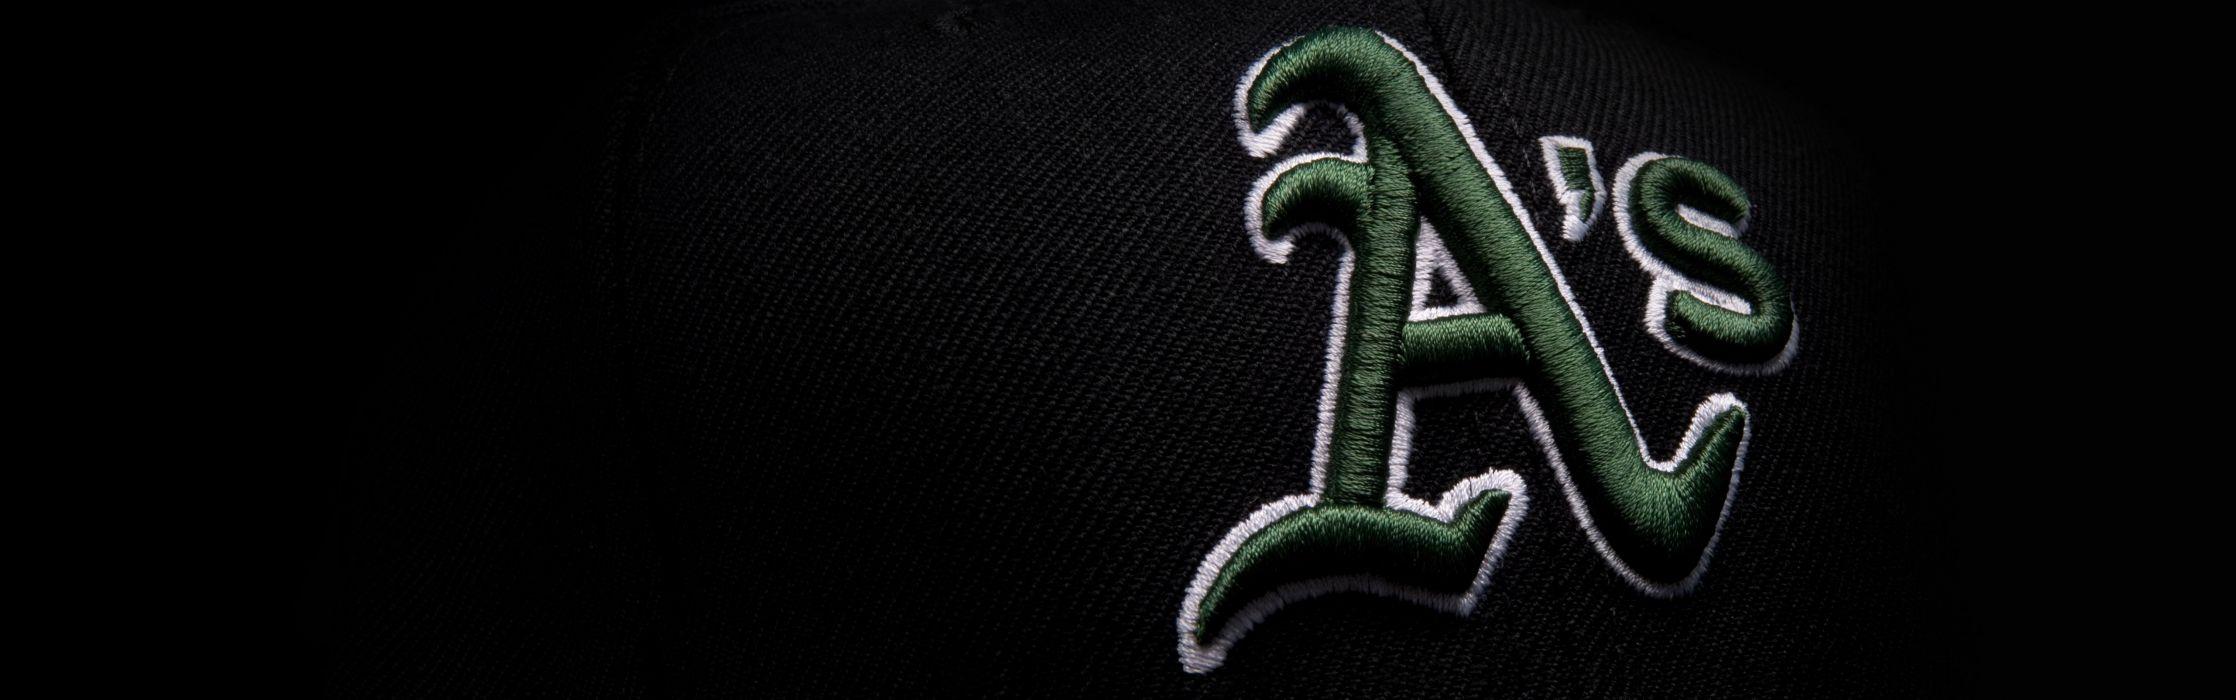 OAKLAND ATHLETICS mlb baseball (99) wallpaper